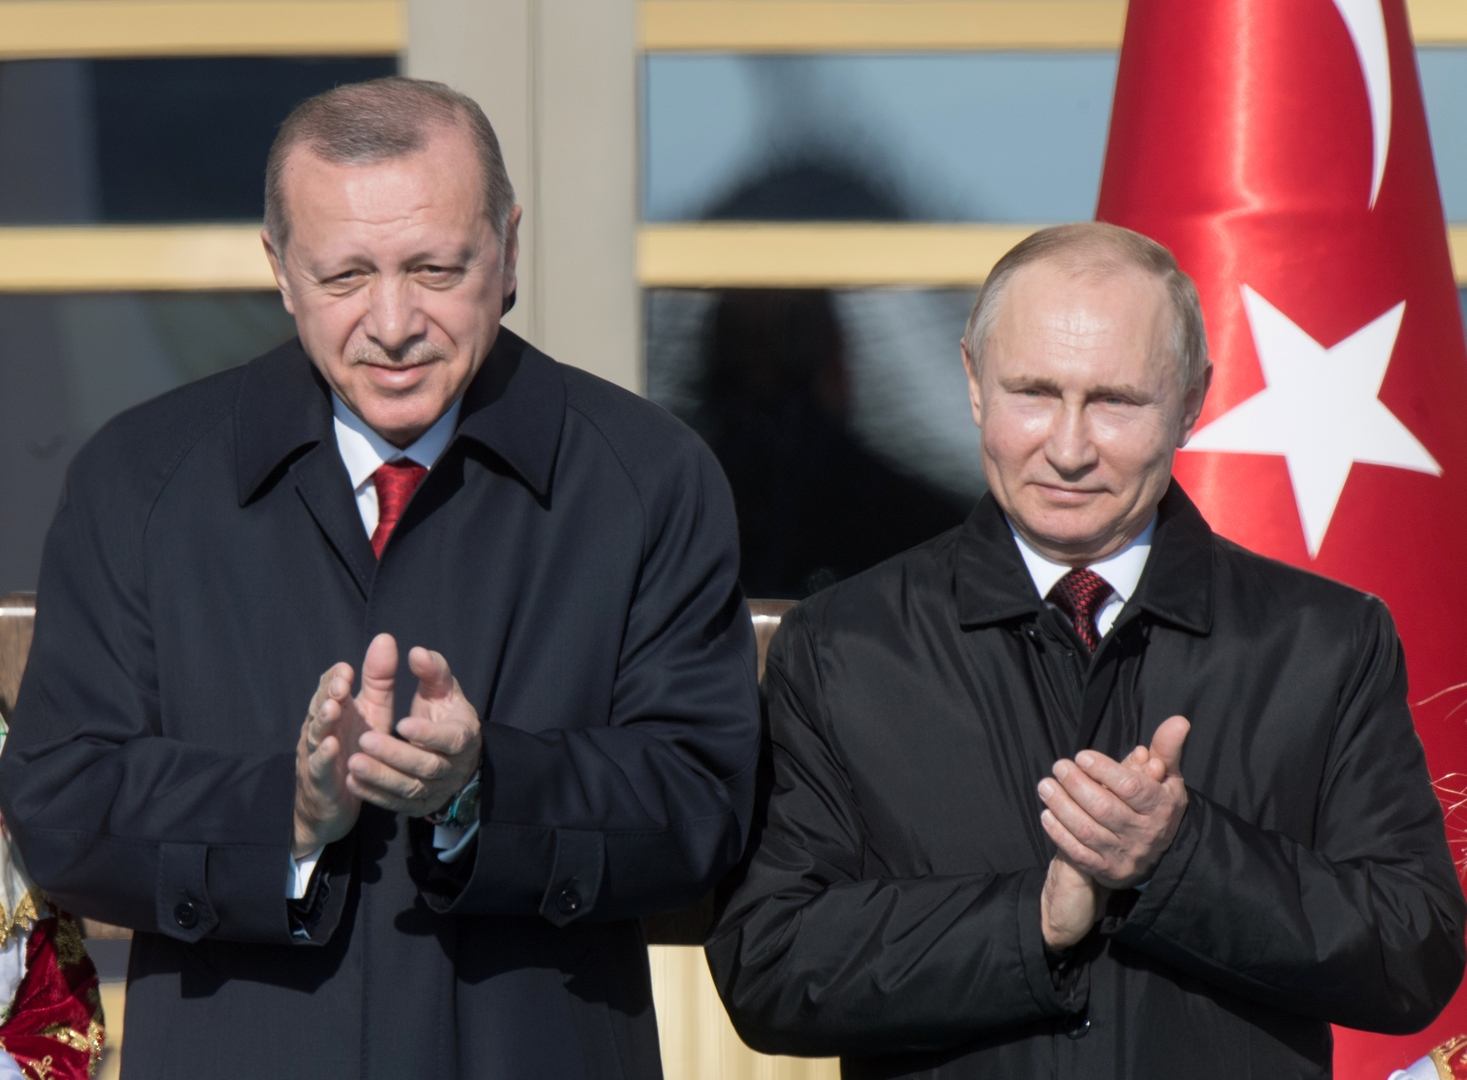 صورة من الأرشيف - الرئيسان الروسي فلاديمير بوتين والتركي رجب طيب أردوغان